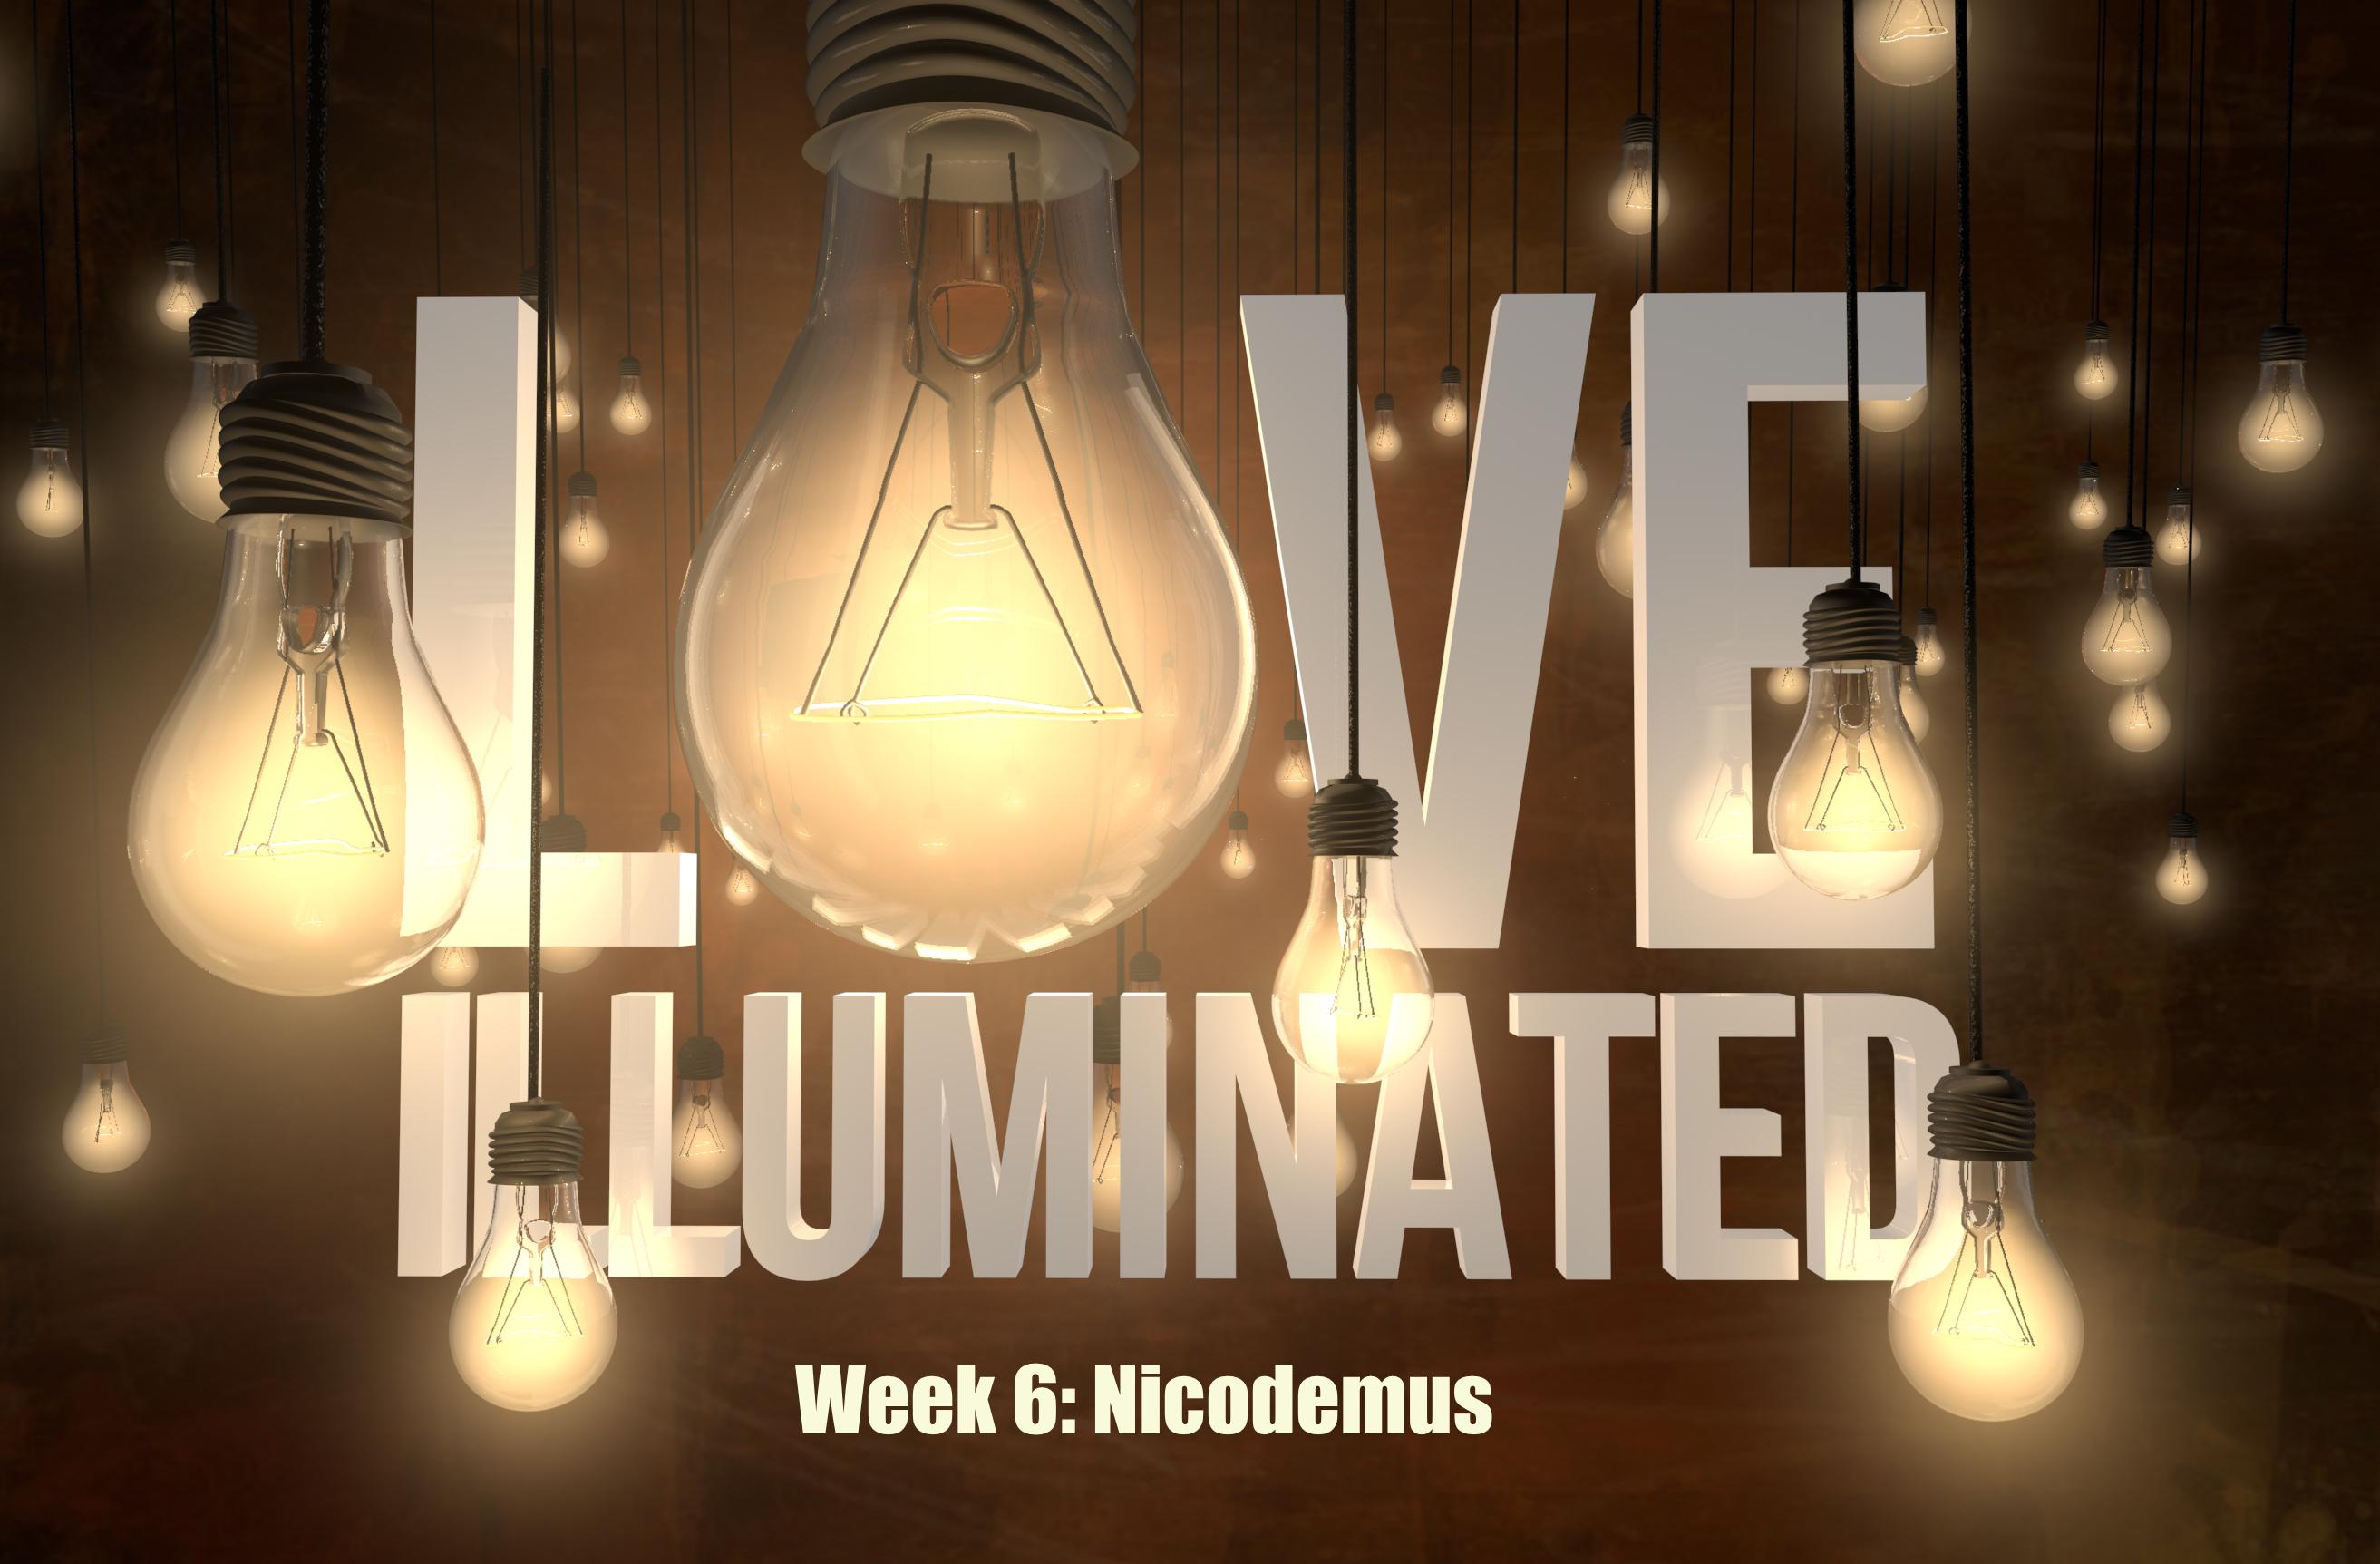 Love Illuminated, Part 6: Nicodemus